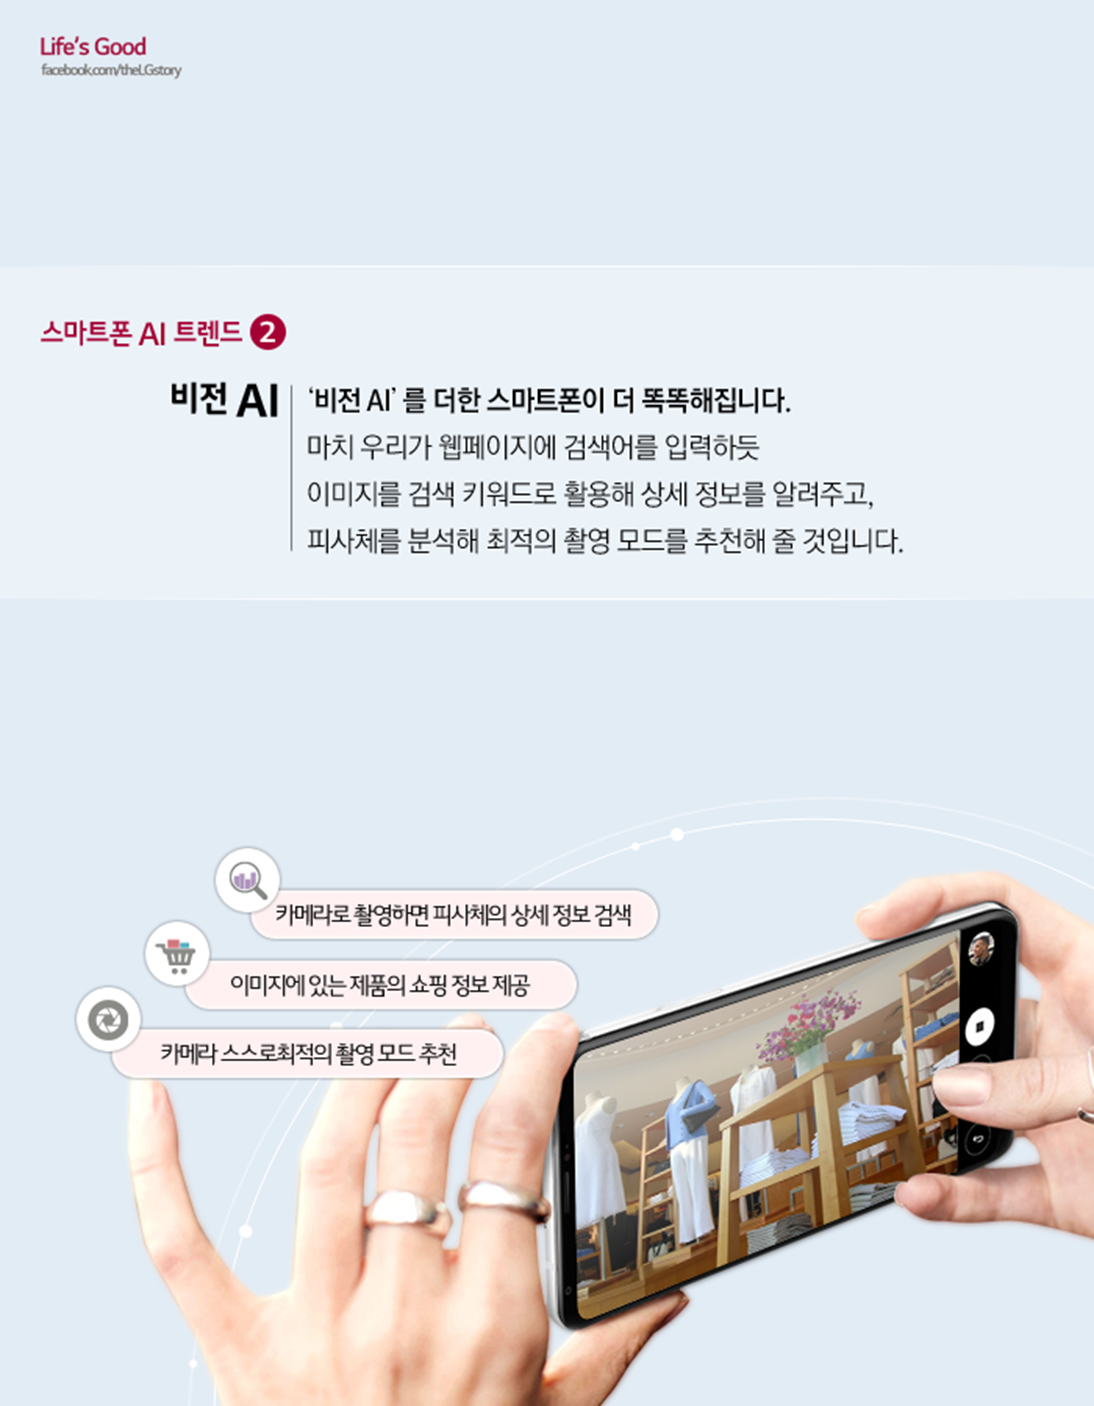 [테크잘알 프로젝트] 스마트폰 AI 트렌드